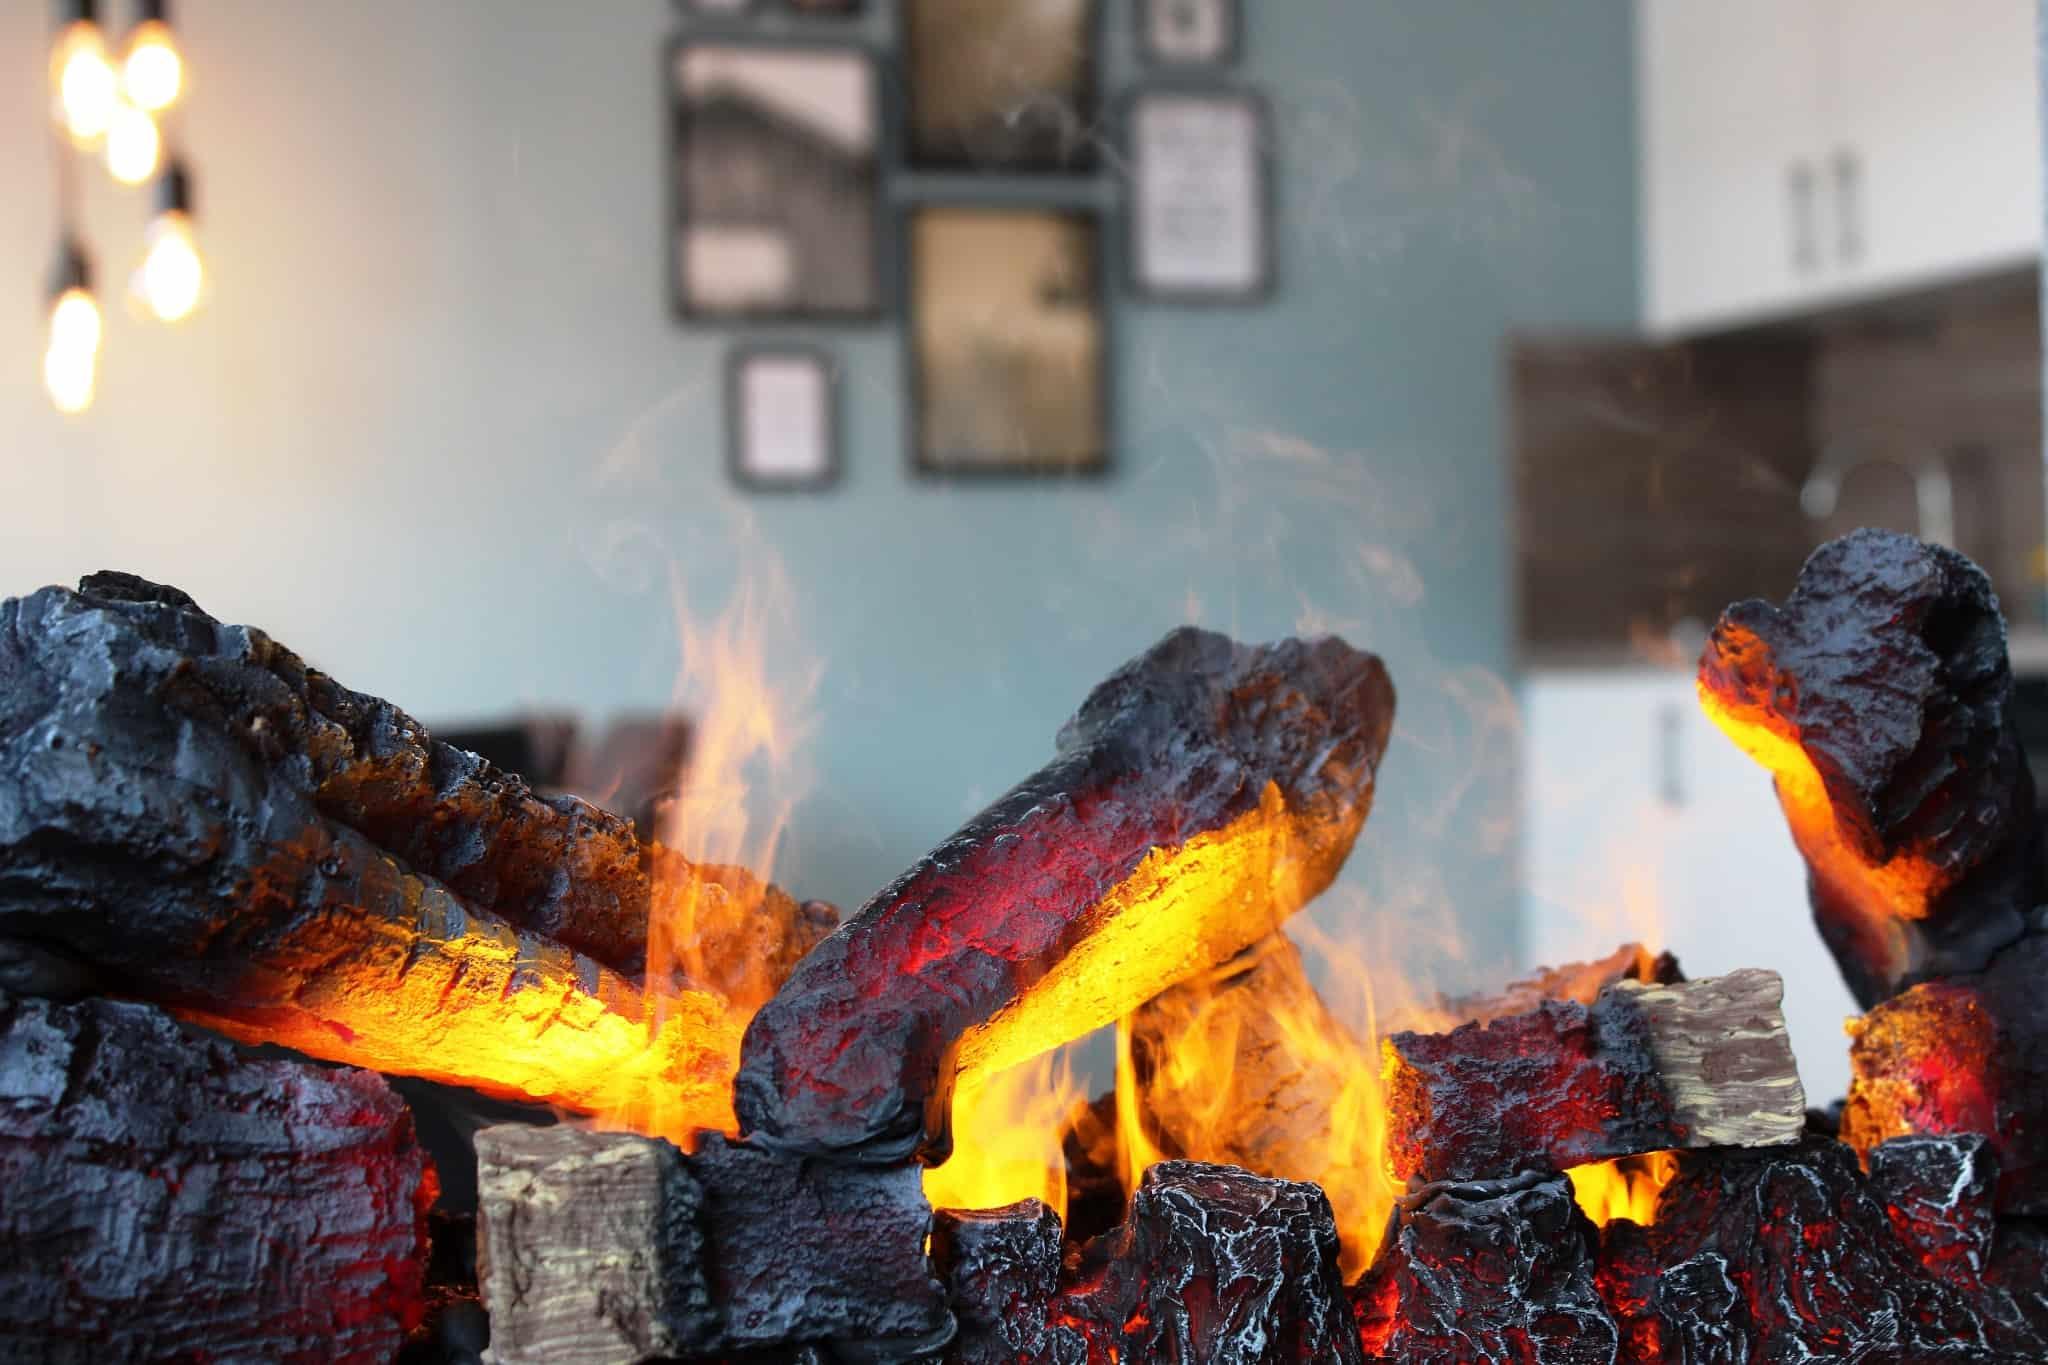 Ferienhaus Marta am Diemelsee Feuer